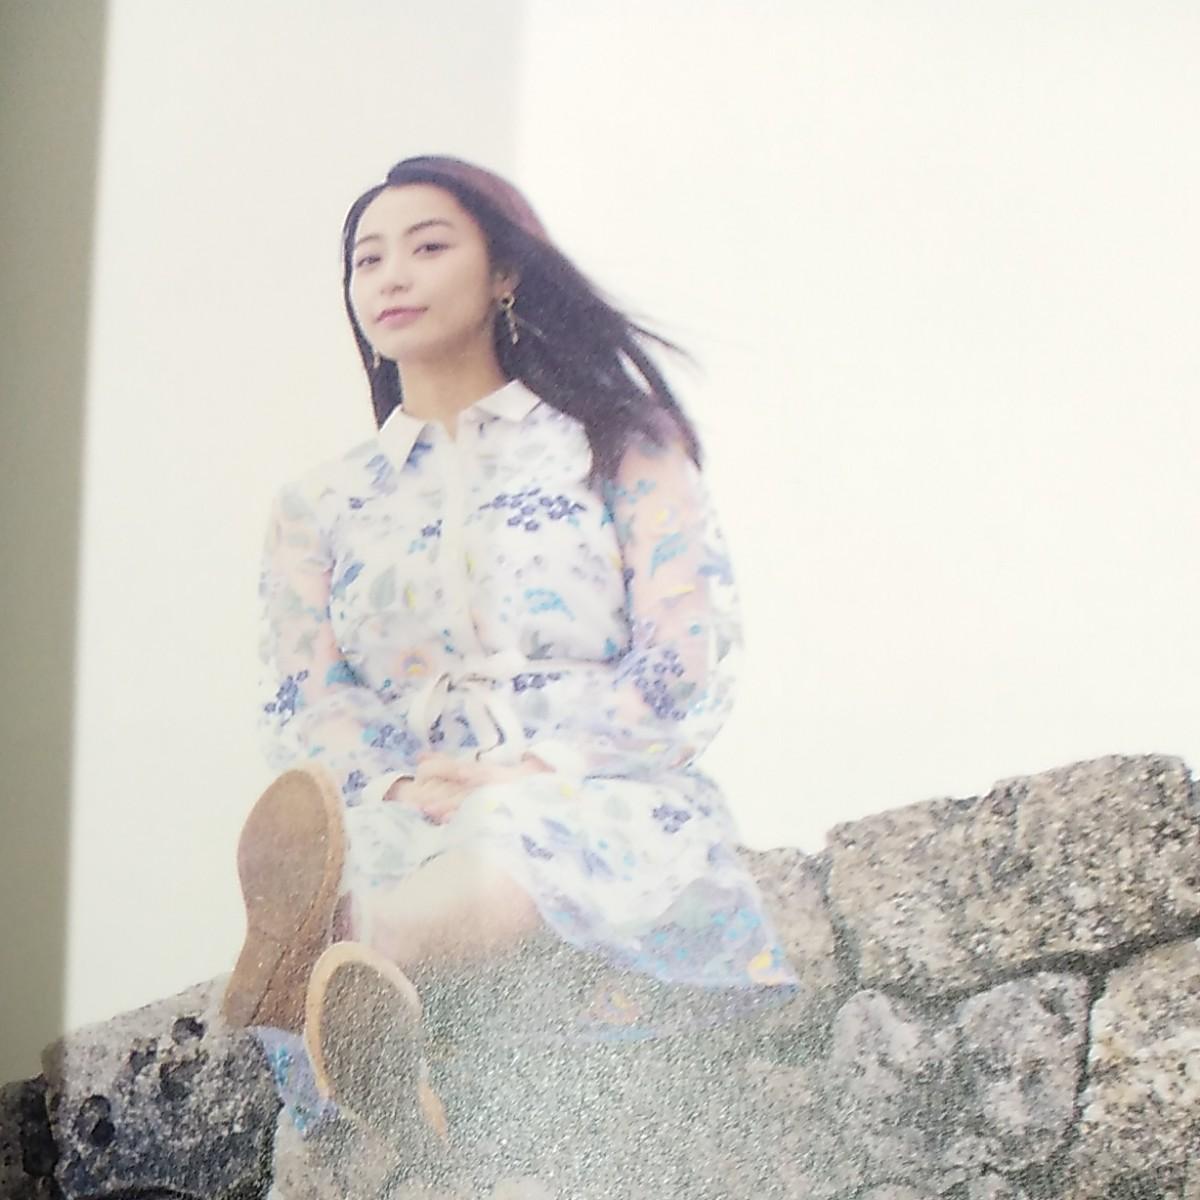 初版 帯付き 風をたべる 宇垣美里ファーストフォトエッセイ/宇垣美里